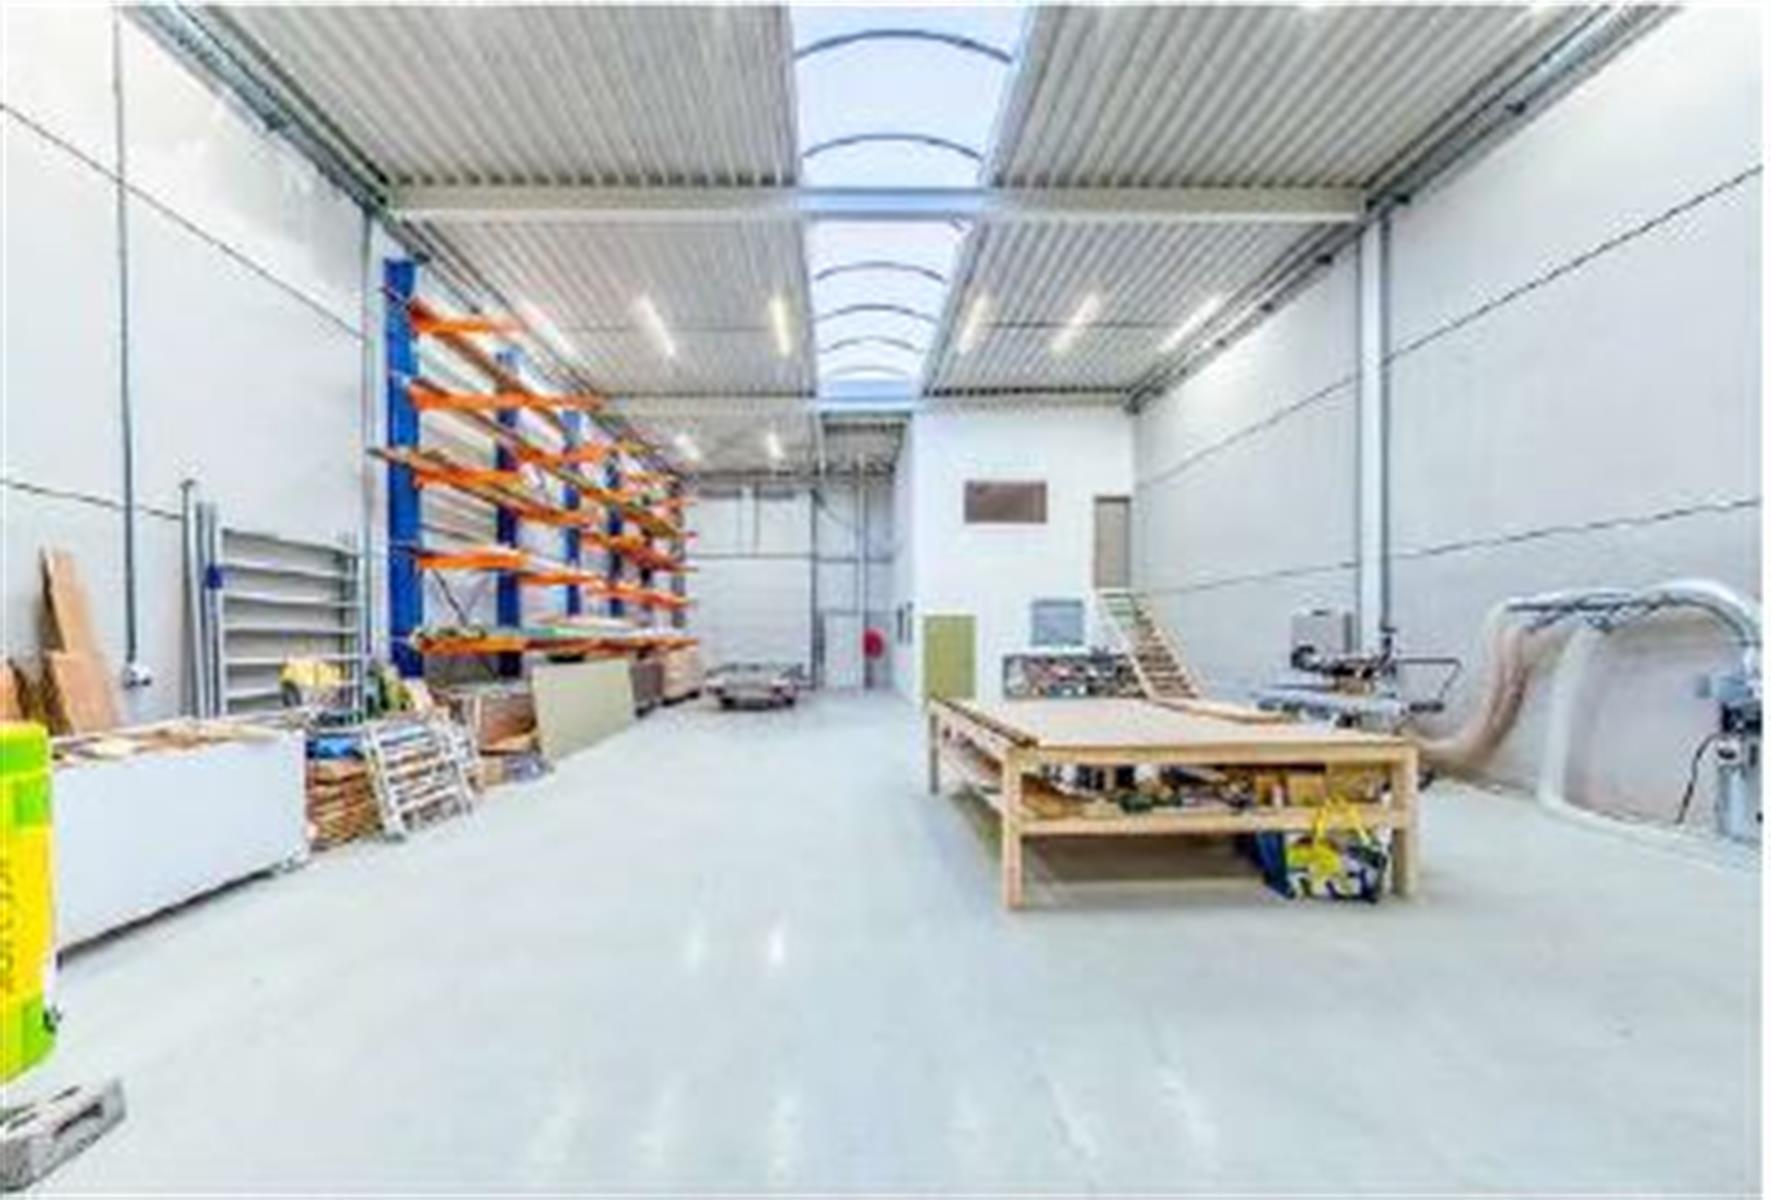 KMO-unit te koop Bollaarpark Lier - 2500 Lier, België 3